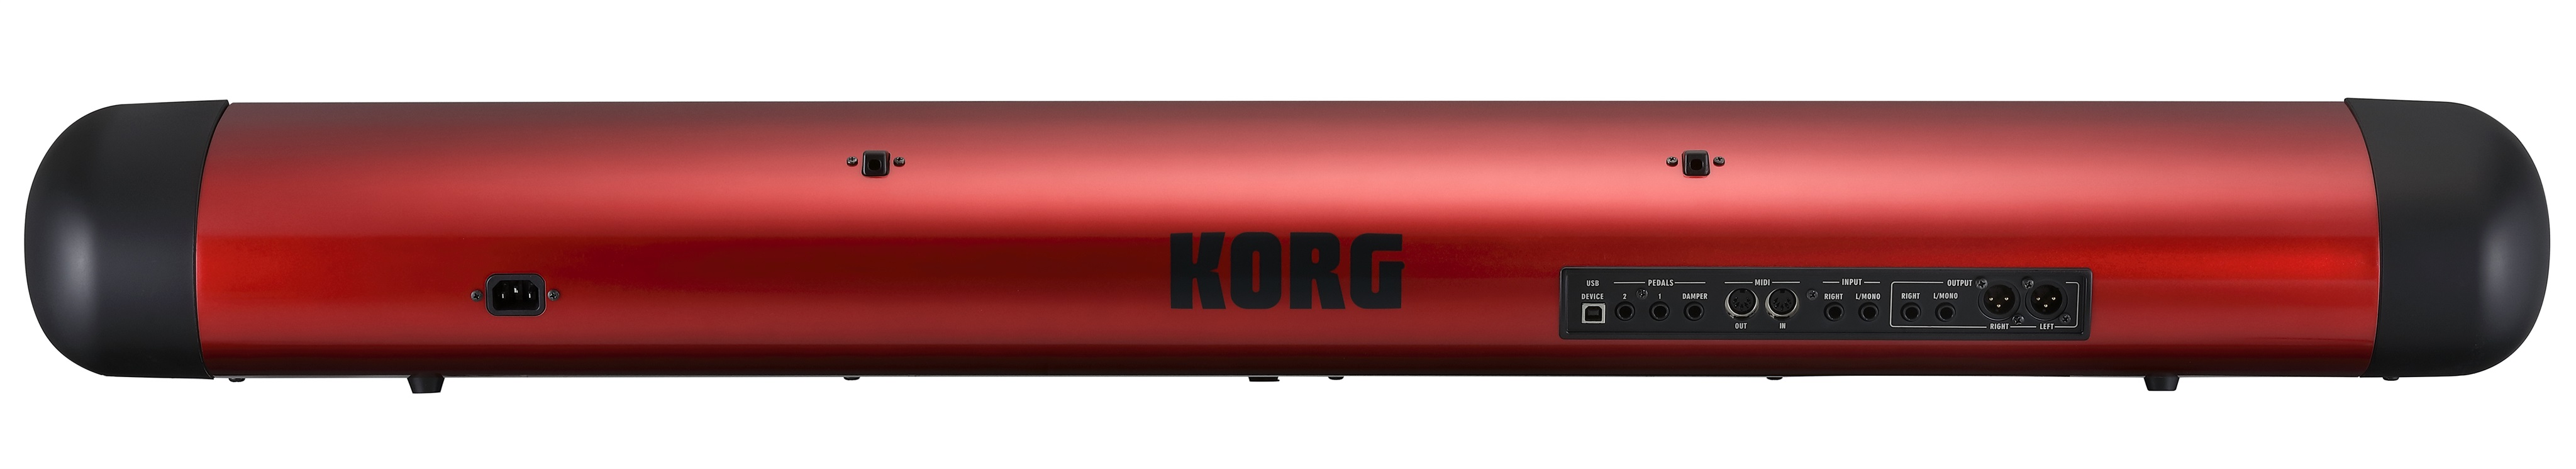 Korg SV1-88 MR